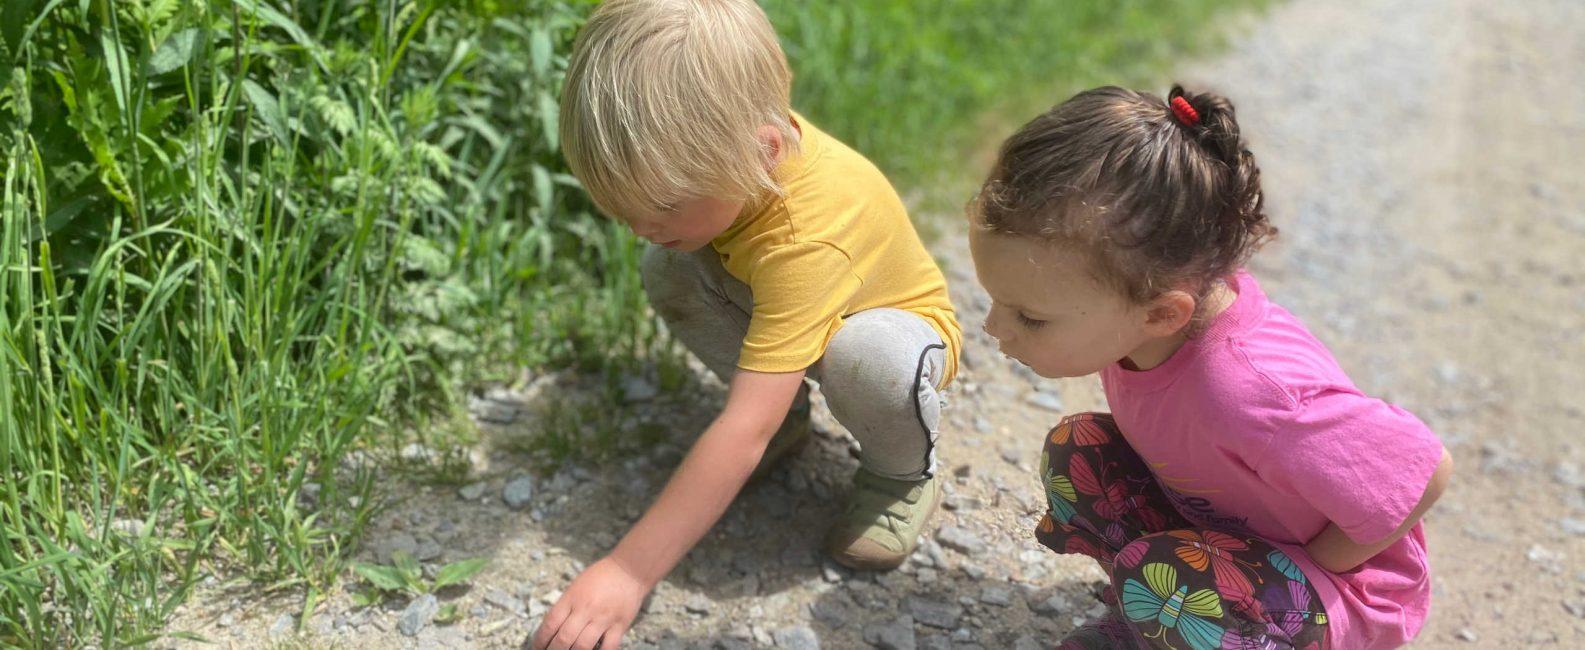 Preschool children looking for rocks.